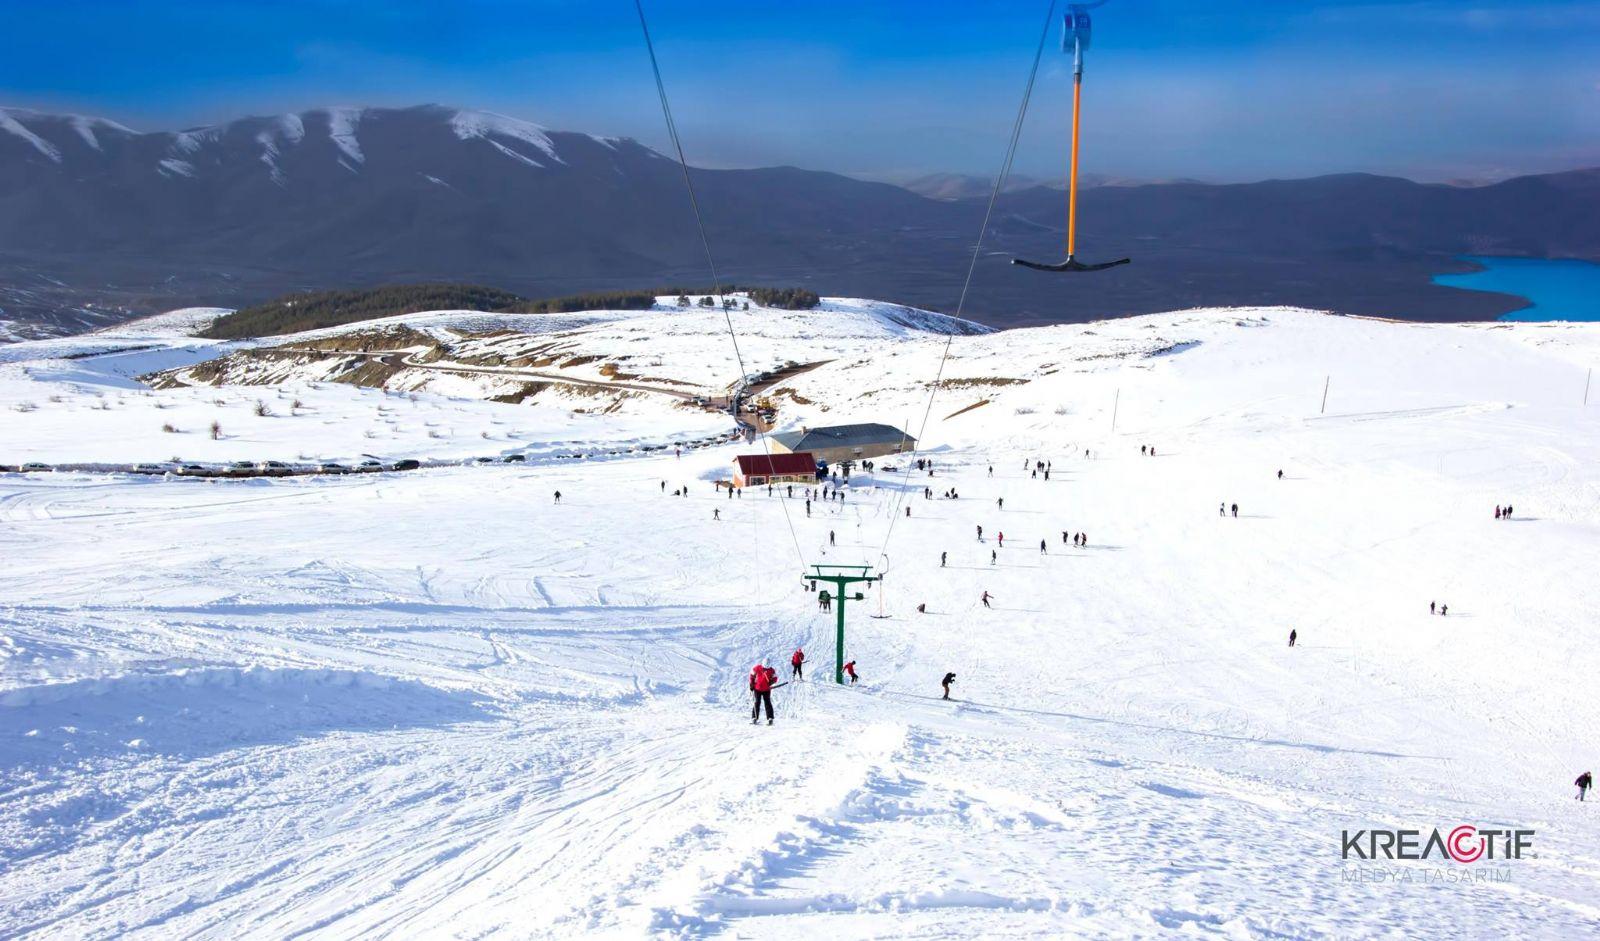 hazarbaba kayak merkezi fotograf cekimi kreactif 7